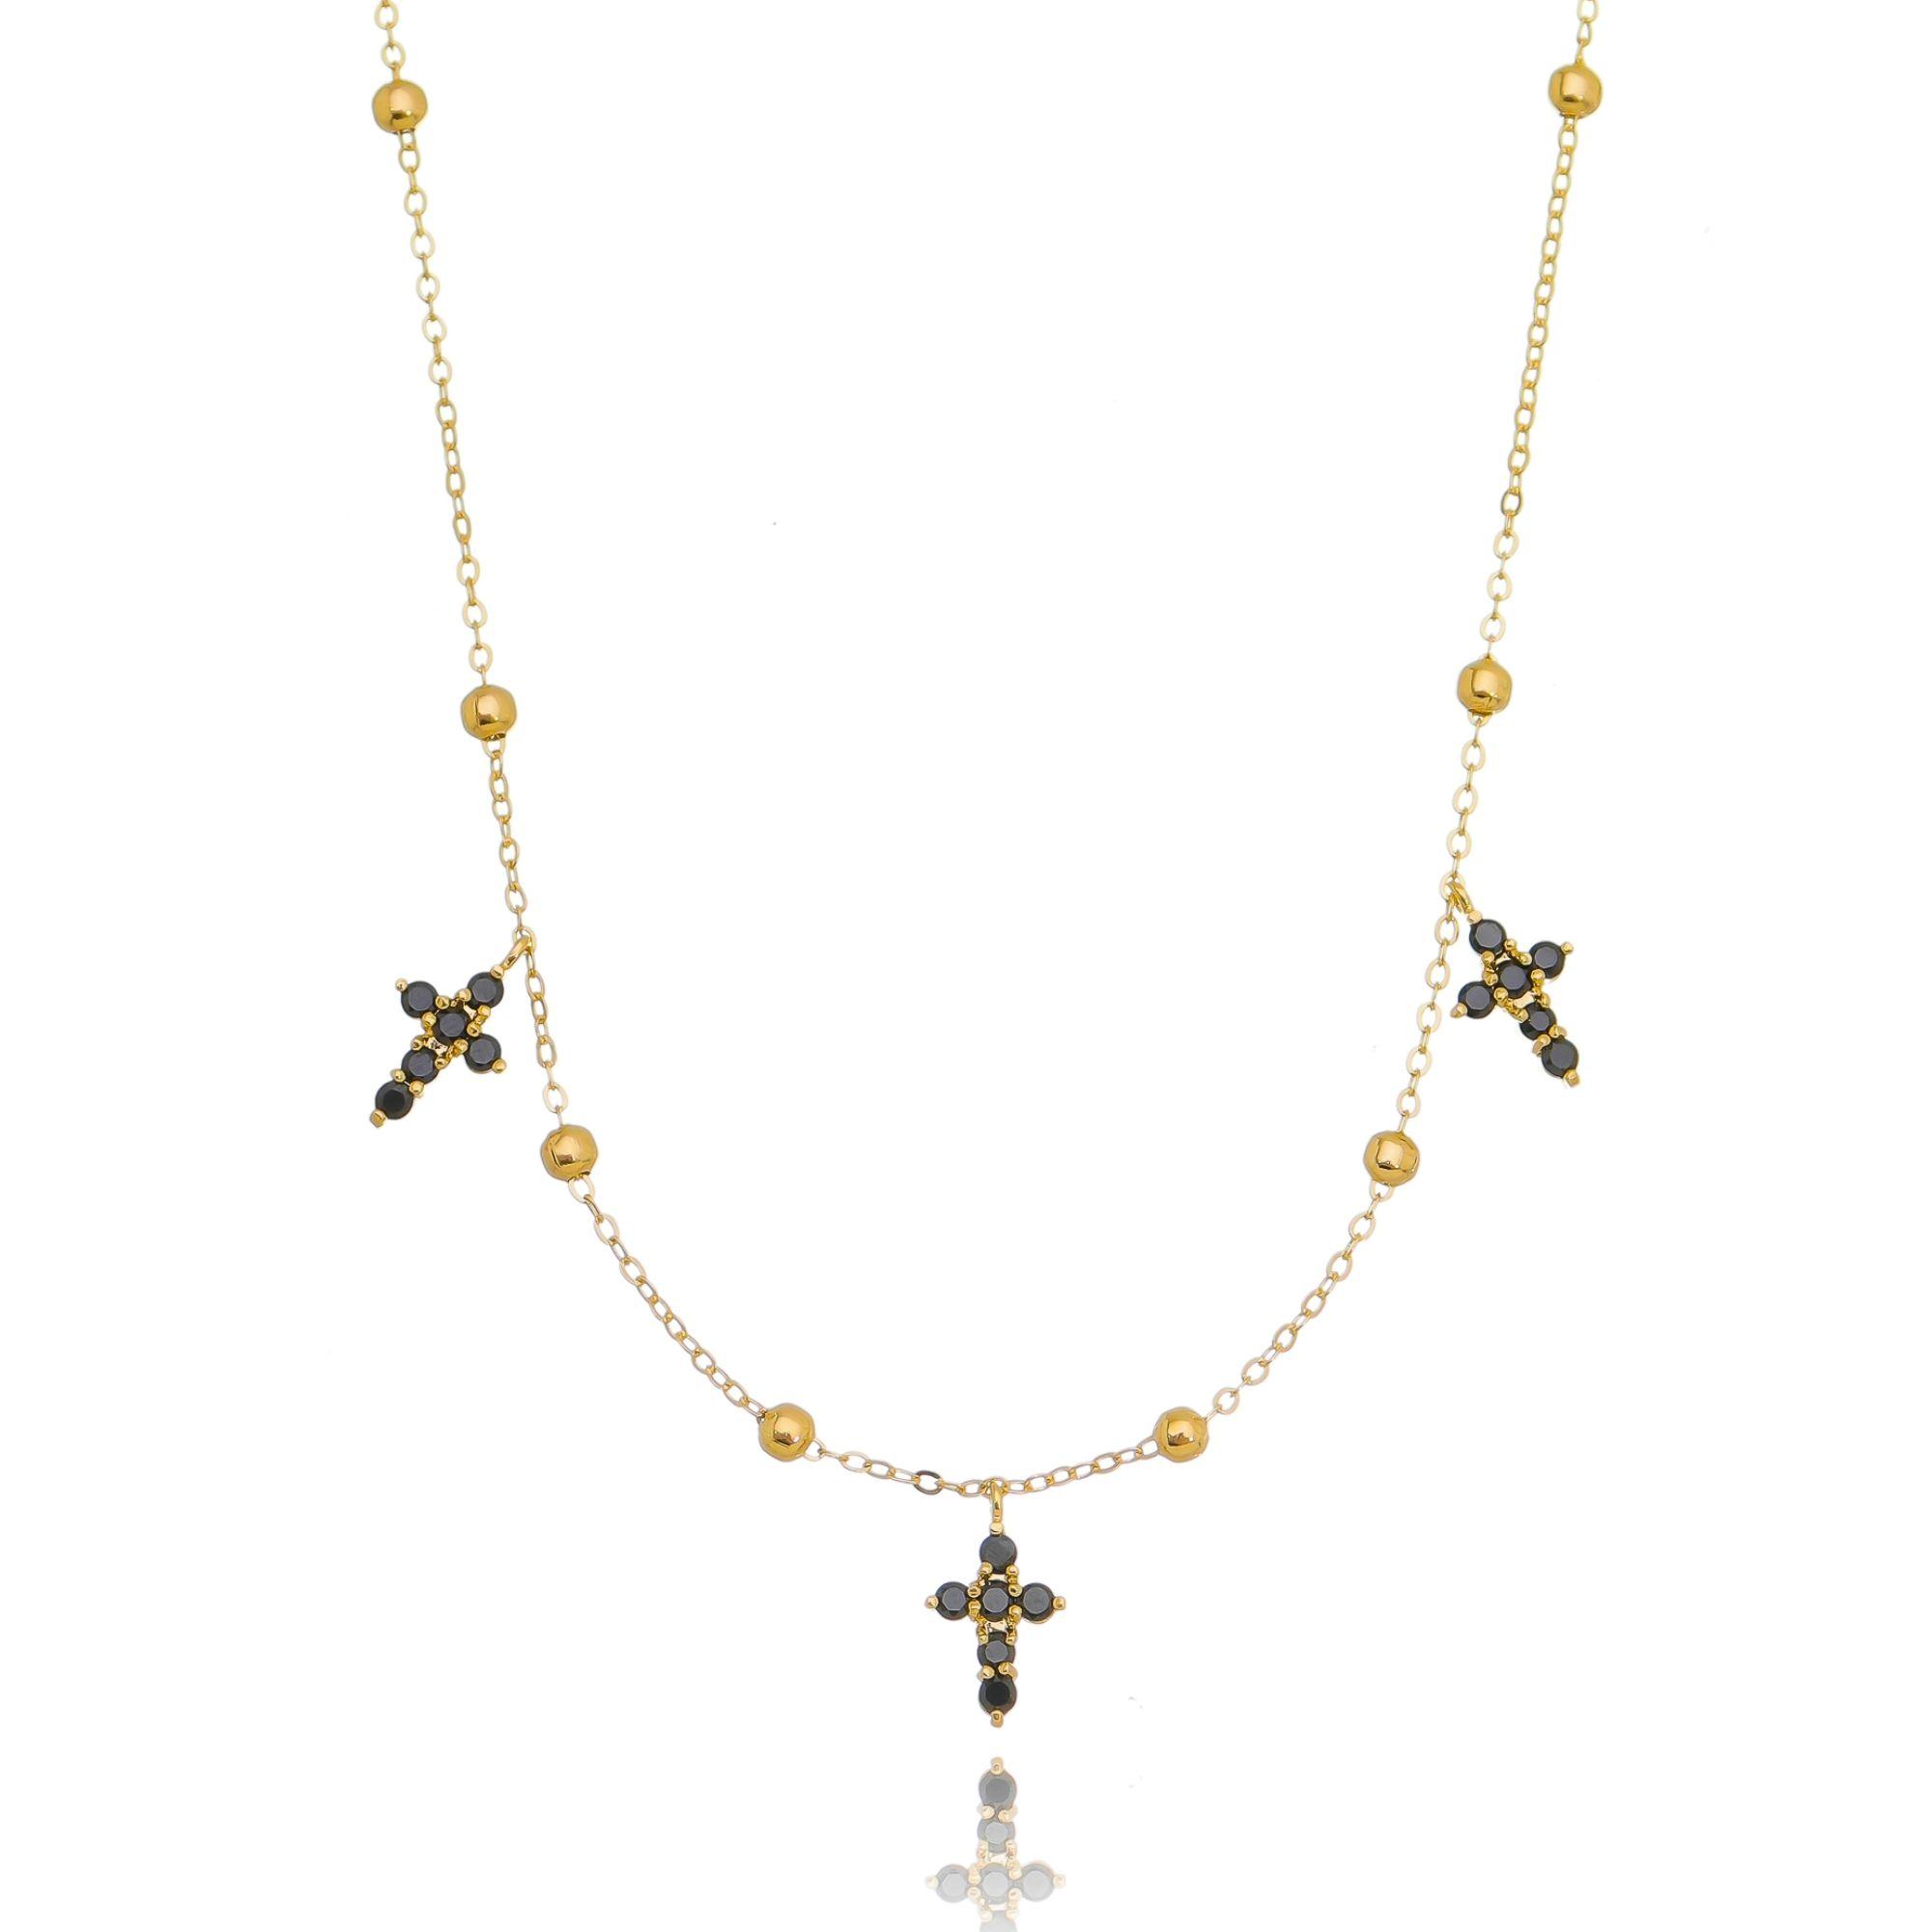 Colar Delicado Crucifixos Zircônia Preta Semijoia Ouro  - Soloyou